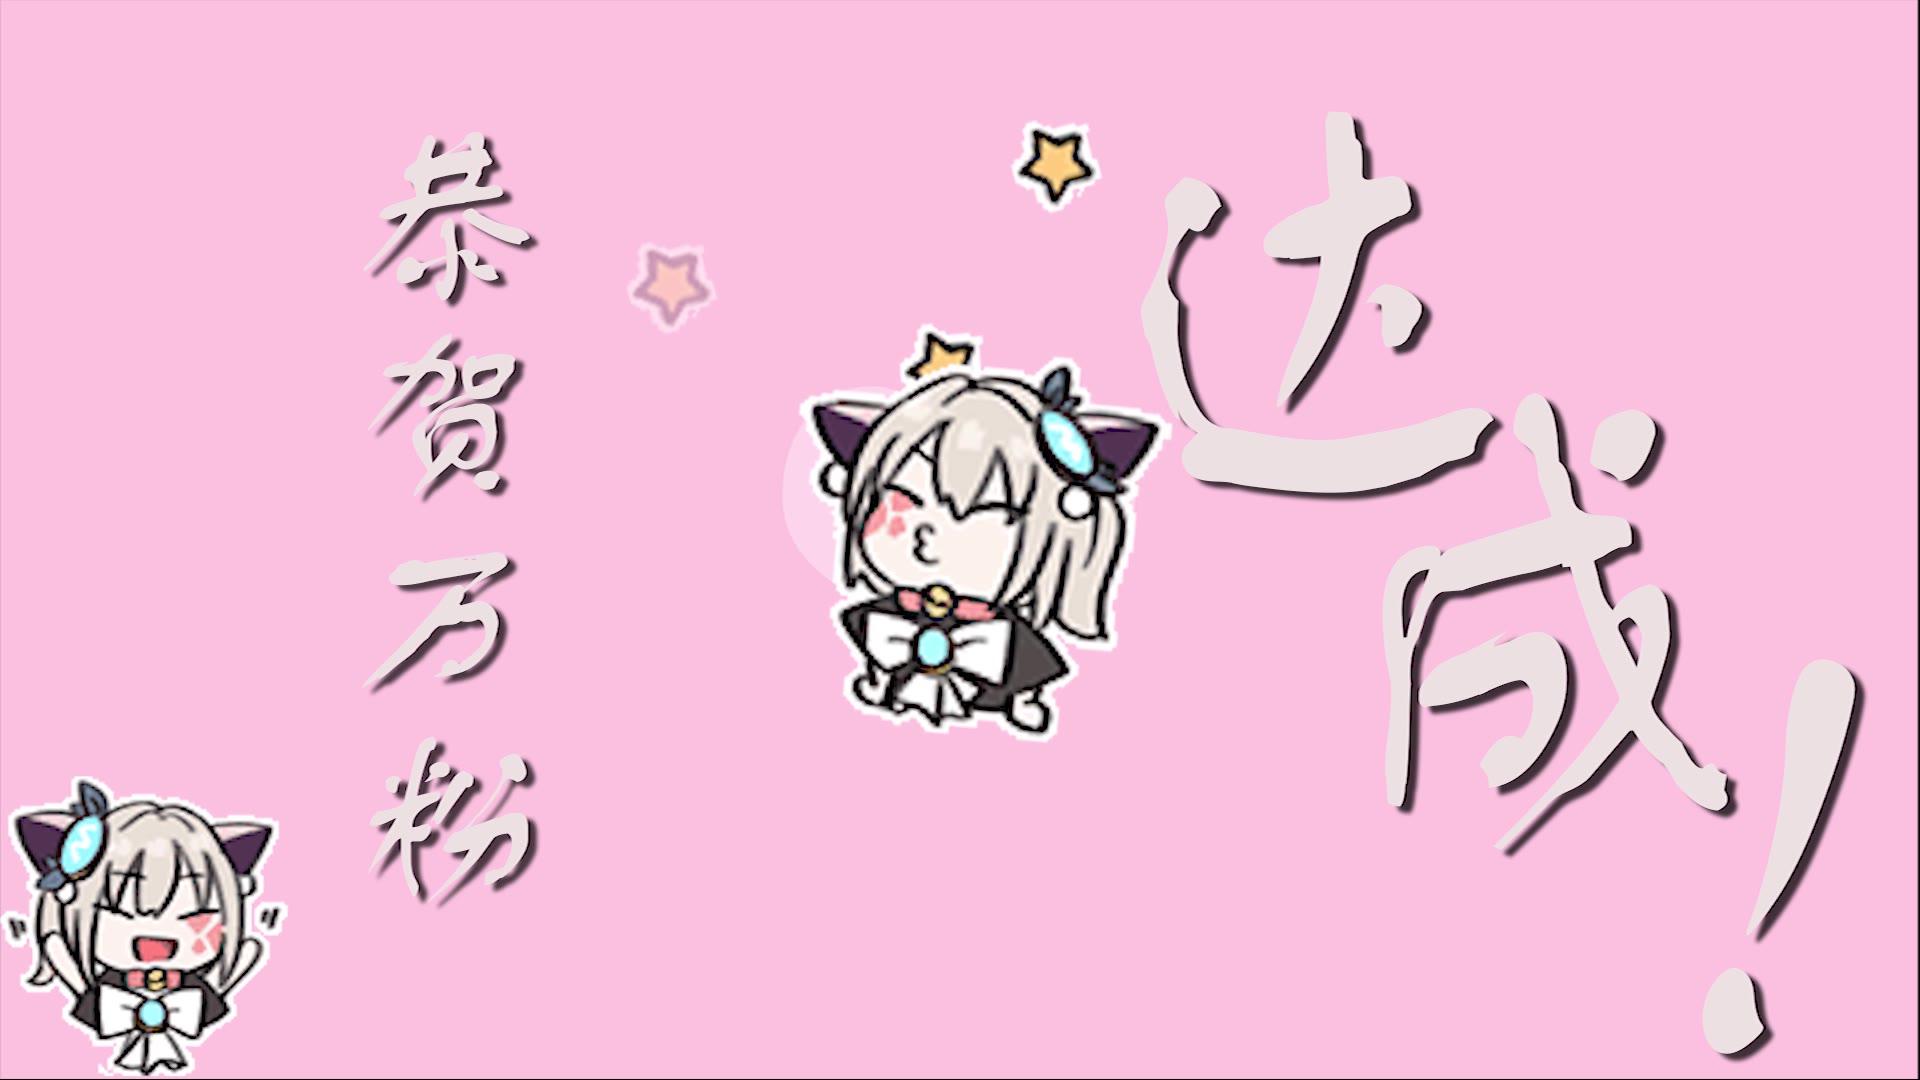 【小啾万粉贺礼】Jiujiujiujiujiujiujiu!